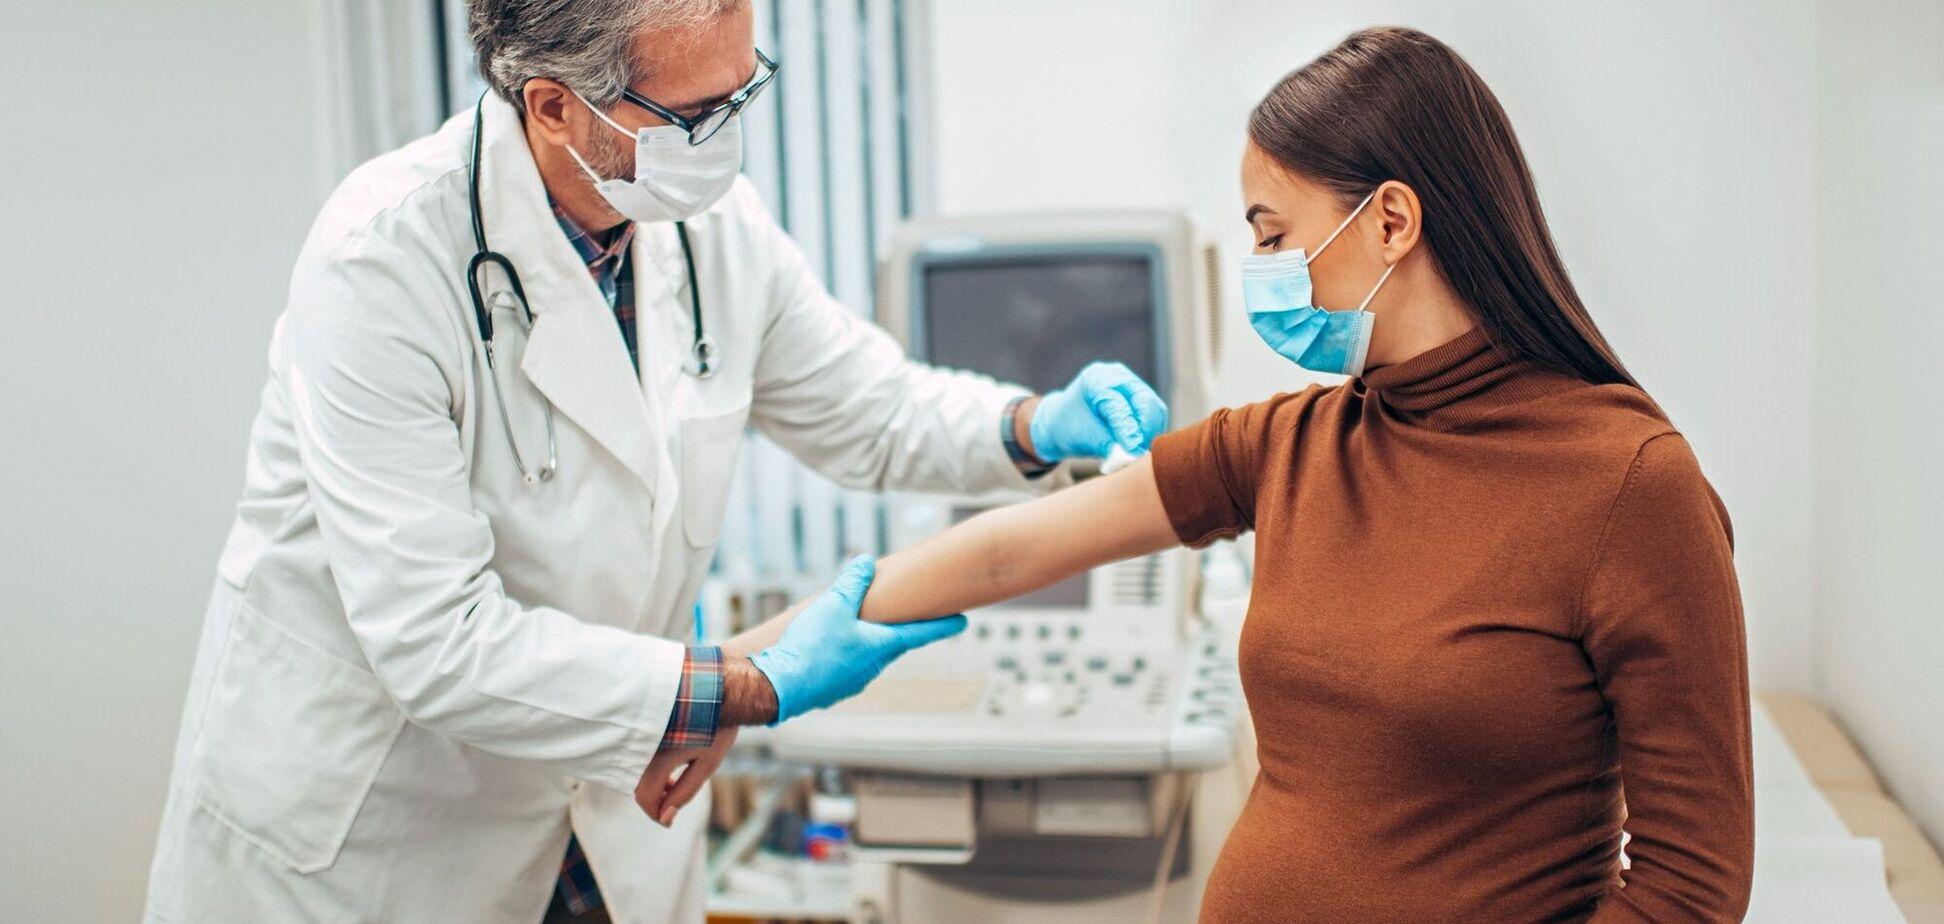 Безопасна ли вакцинация от COVID-19 во время беременности